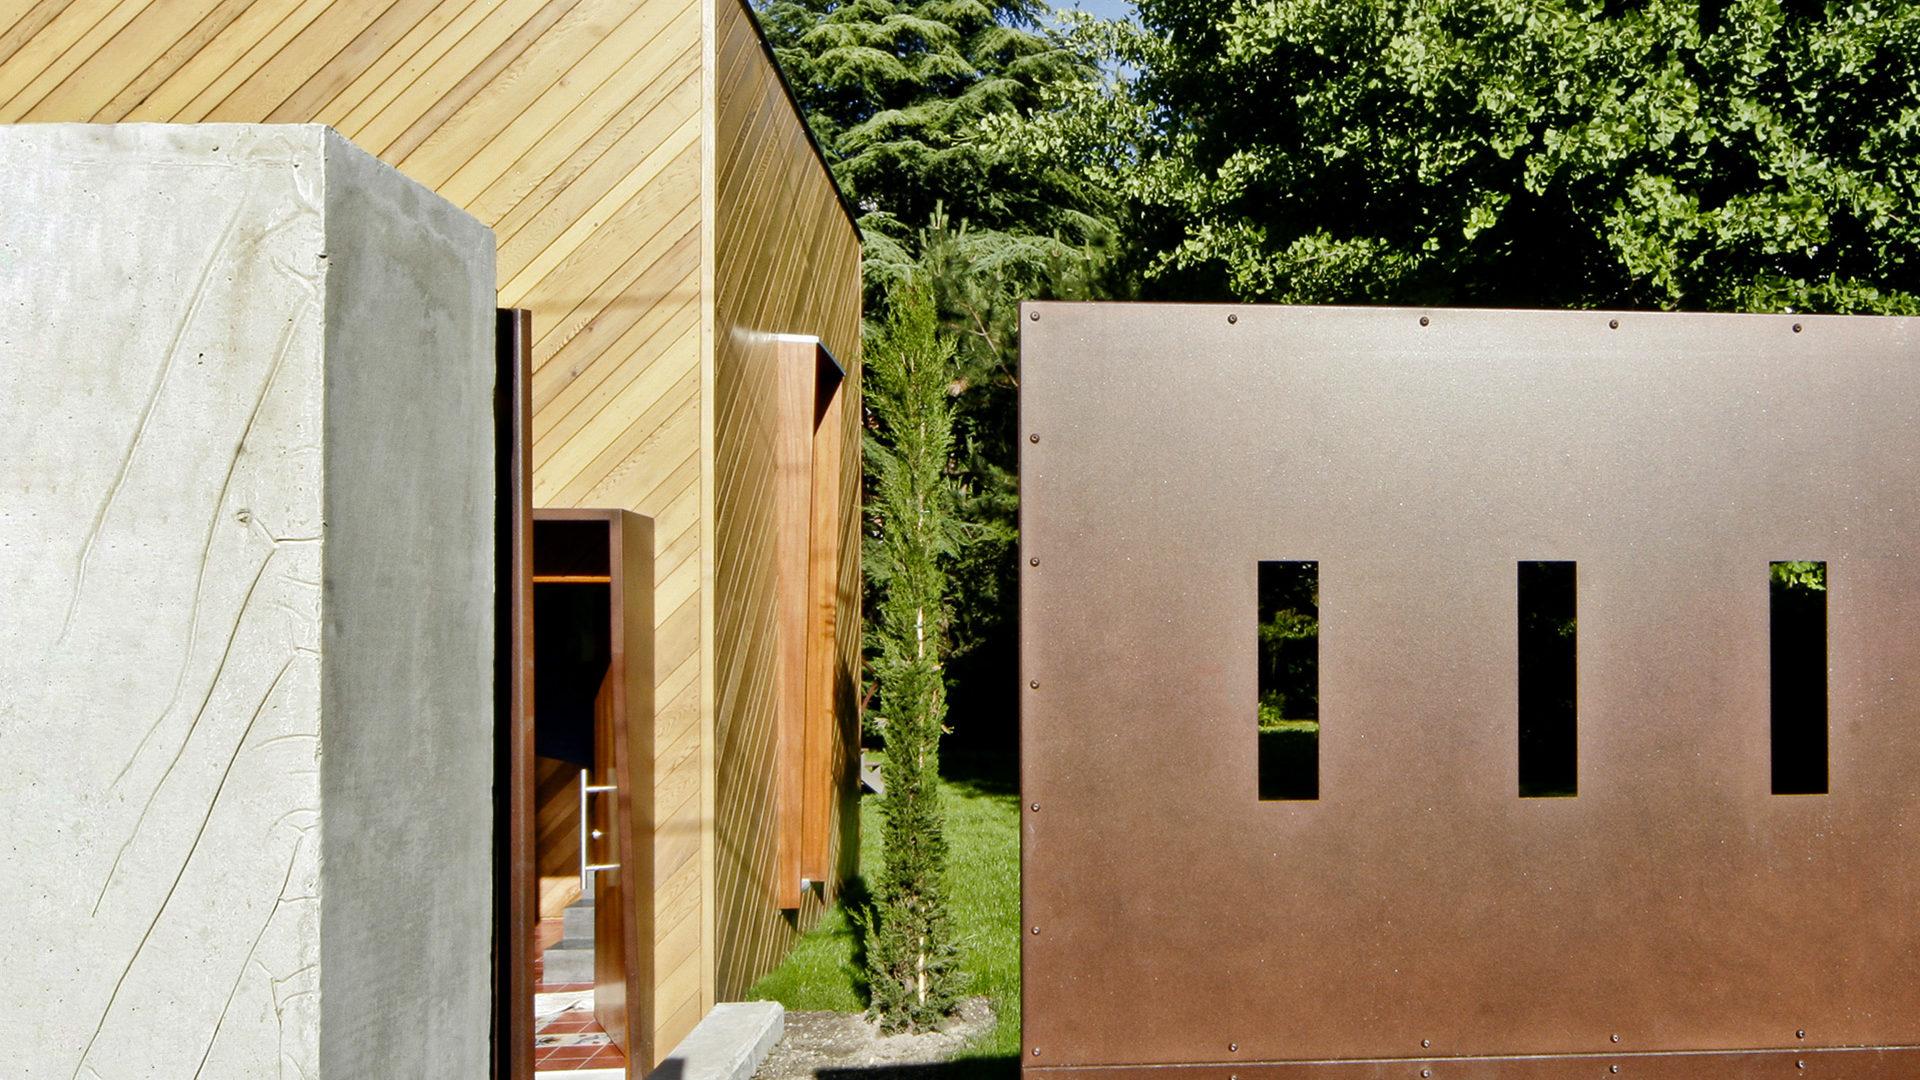 réhabilitation et extension pour maison, architecture